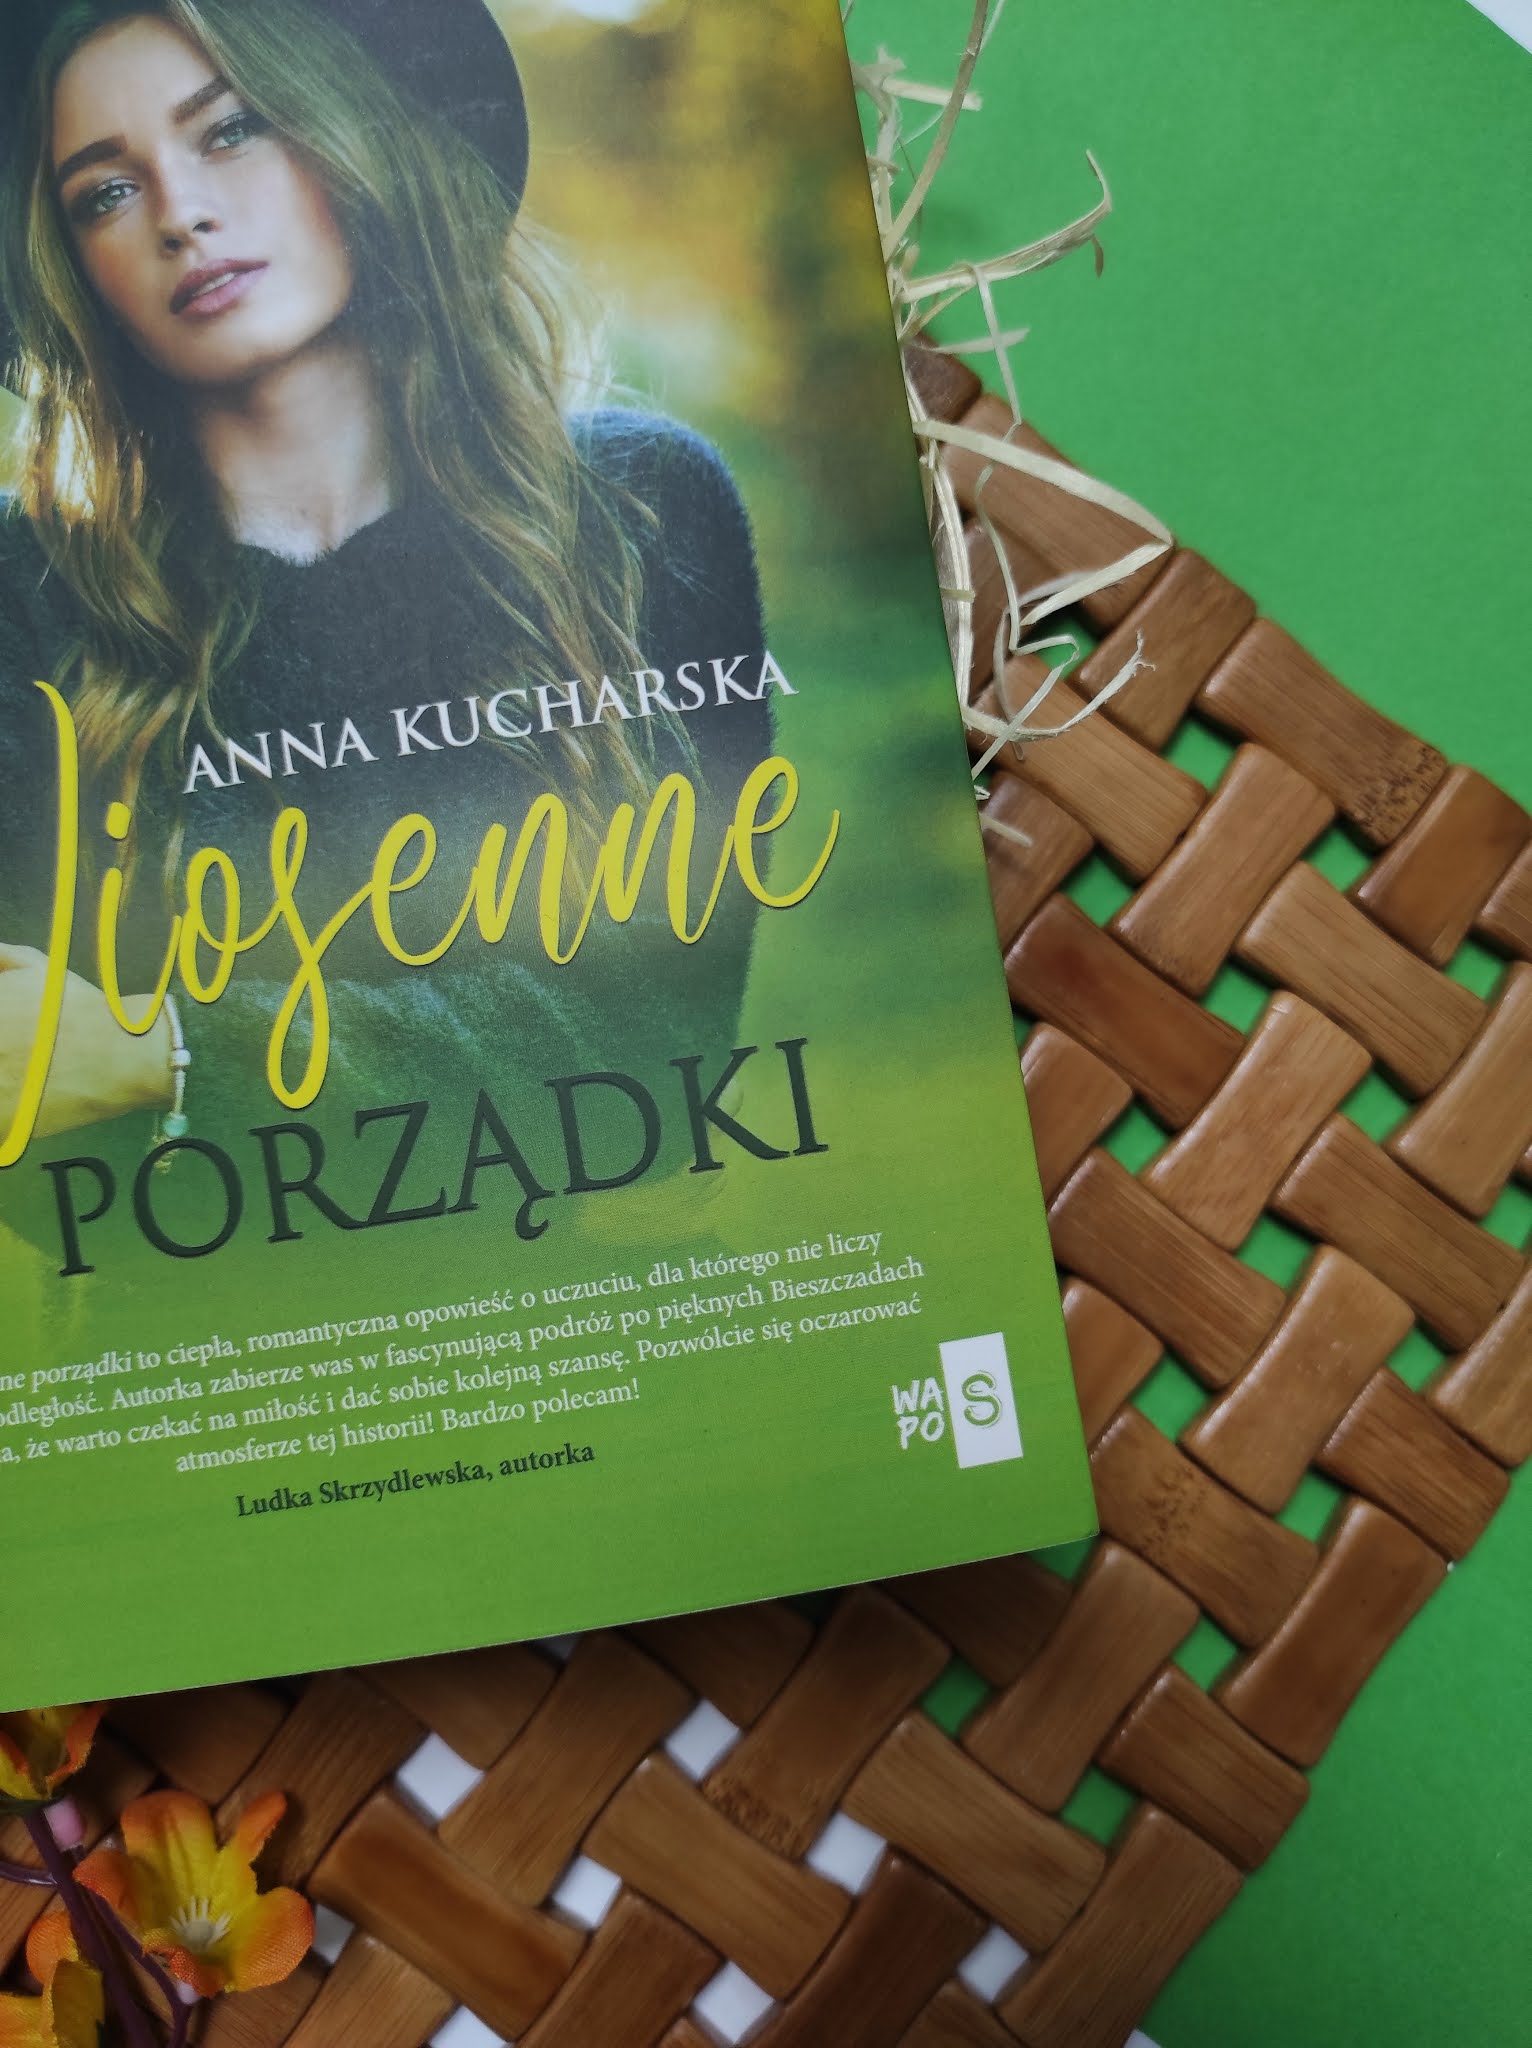 """""""Wiosenne porządki"""" Anna Kucharska - recenzja - PATRONAT MEDIALNY"""